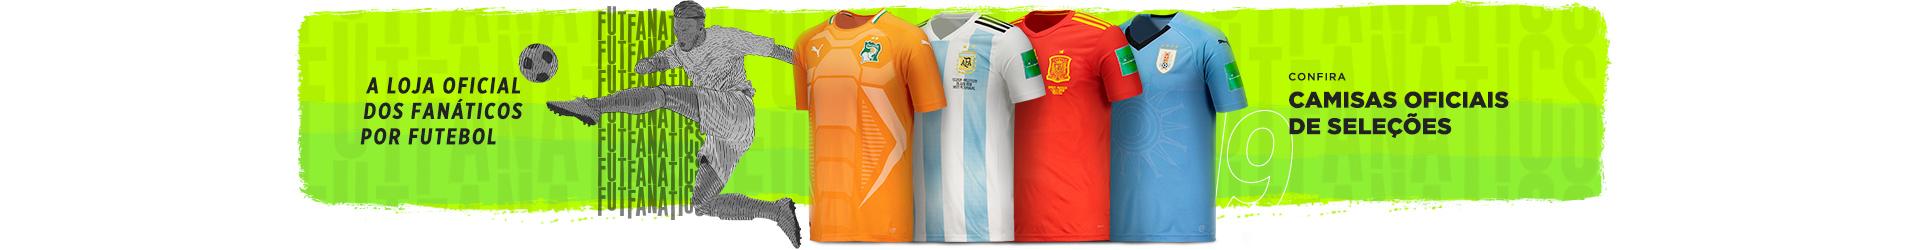 01b1940afc704 Camisas Oficiais de Futebol da Seleção da Áustria - FutFanatics